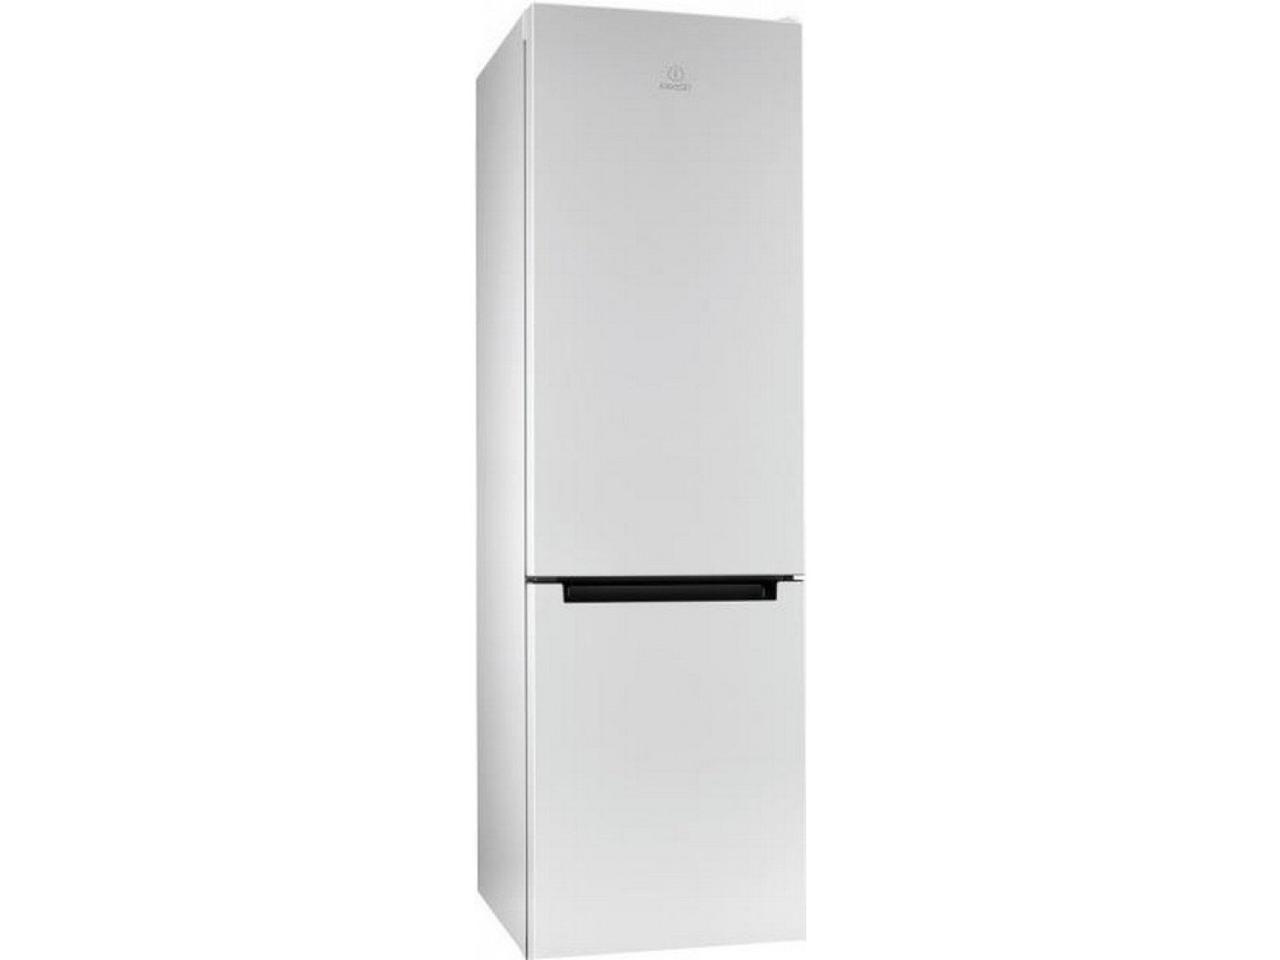 Холодильник с нижней морозилкой Indesit DS 3201 W UA